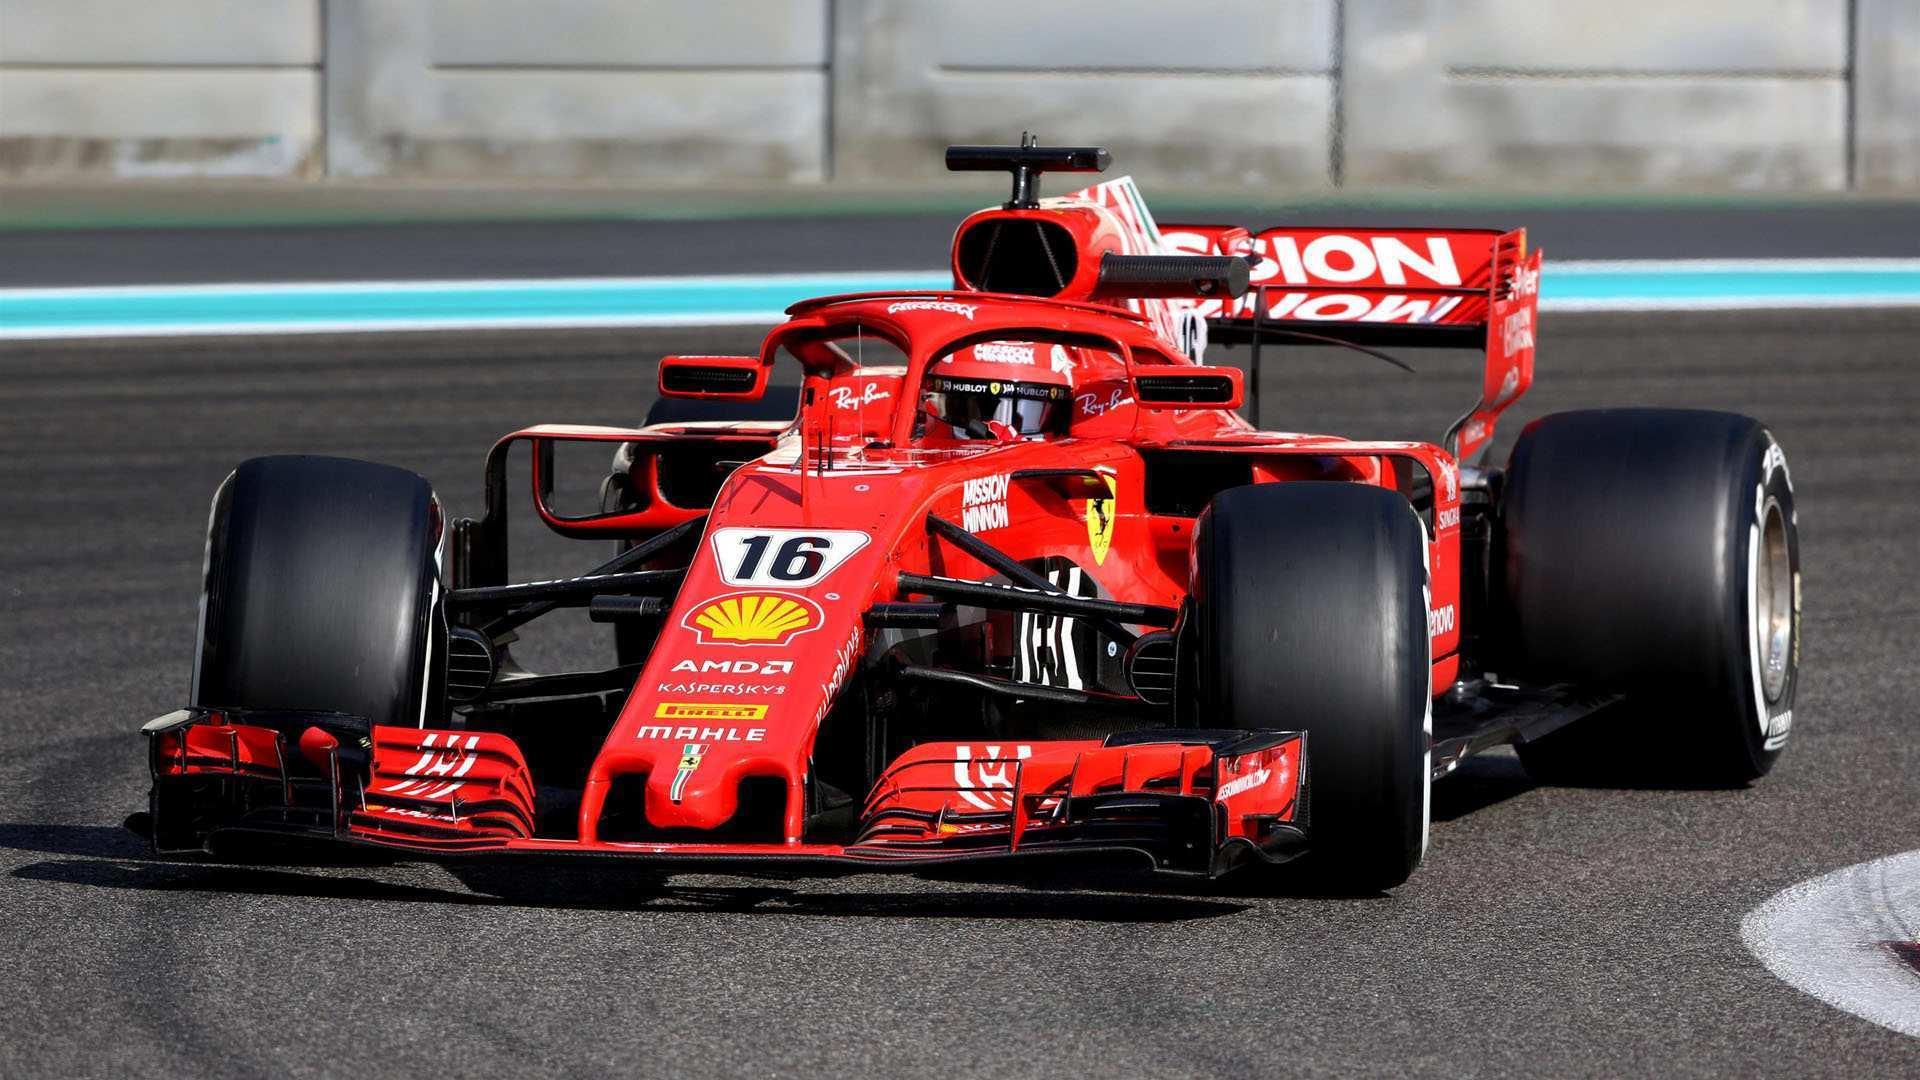 48 The Ferrari 2019 Formula 1 Price And Release Date Redesign and Concept for Ferrari 2019 Formula 1 Price And Release Date